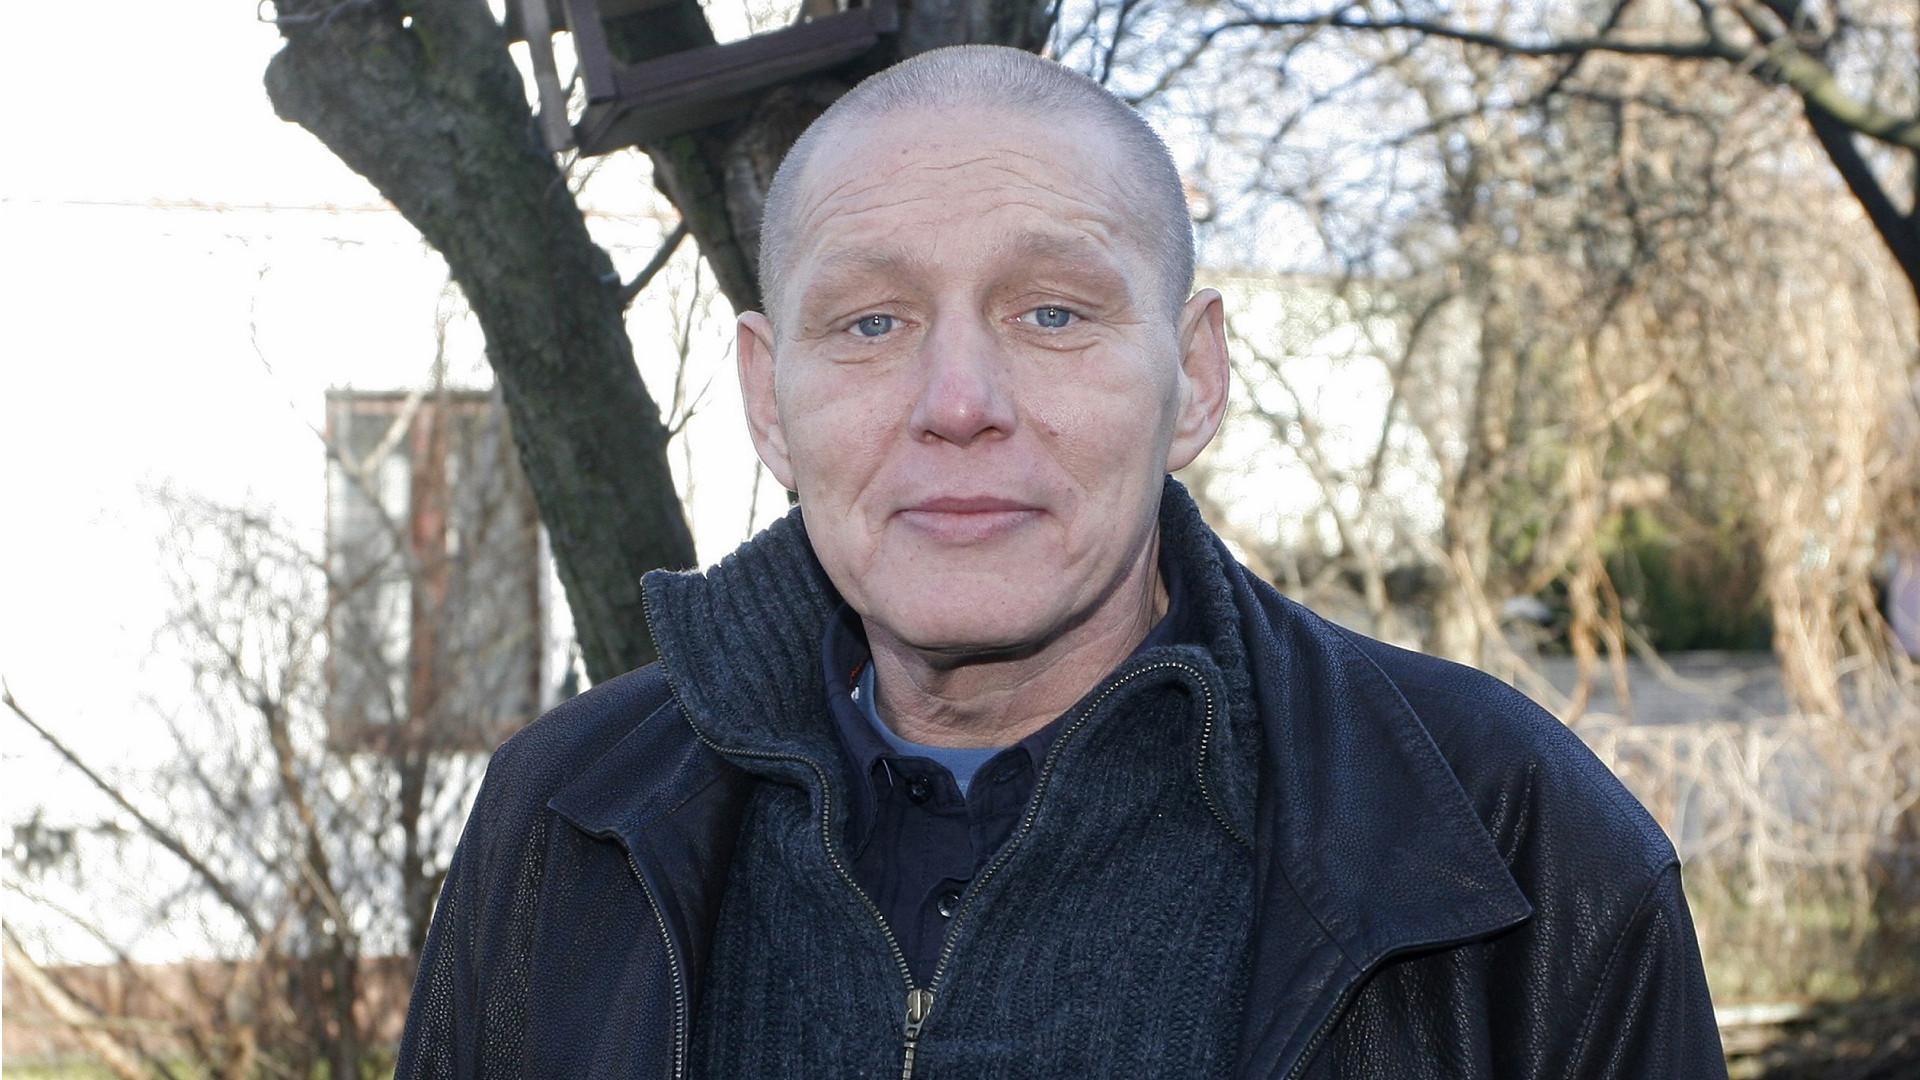 Słynny Jasnowidz – Krzysztof Jackowski podzielił się kolejną przepowiednią na temat koronawirusa